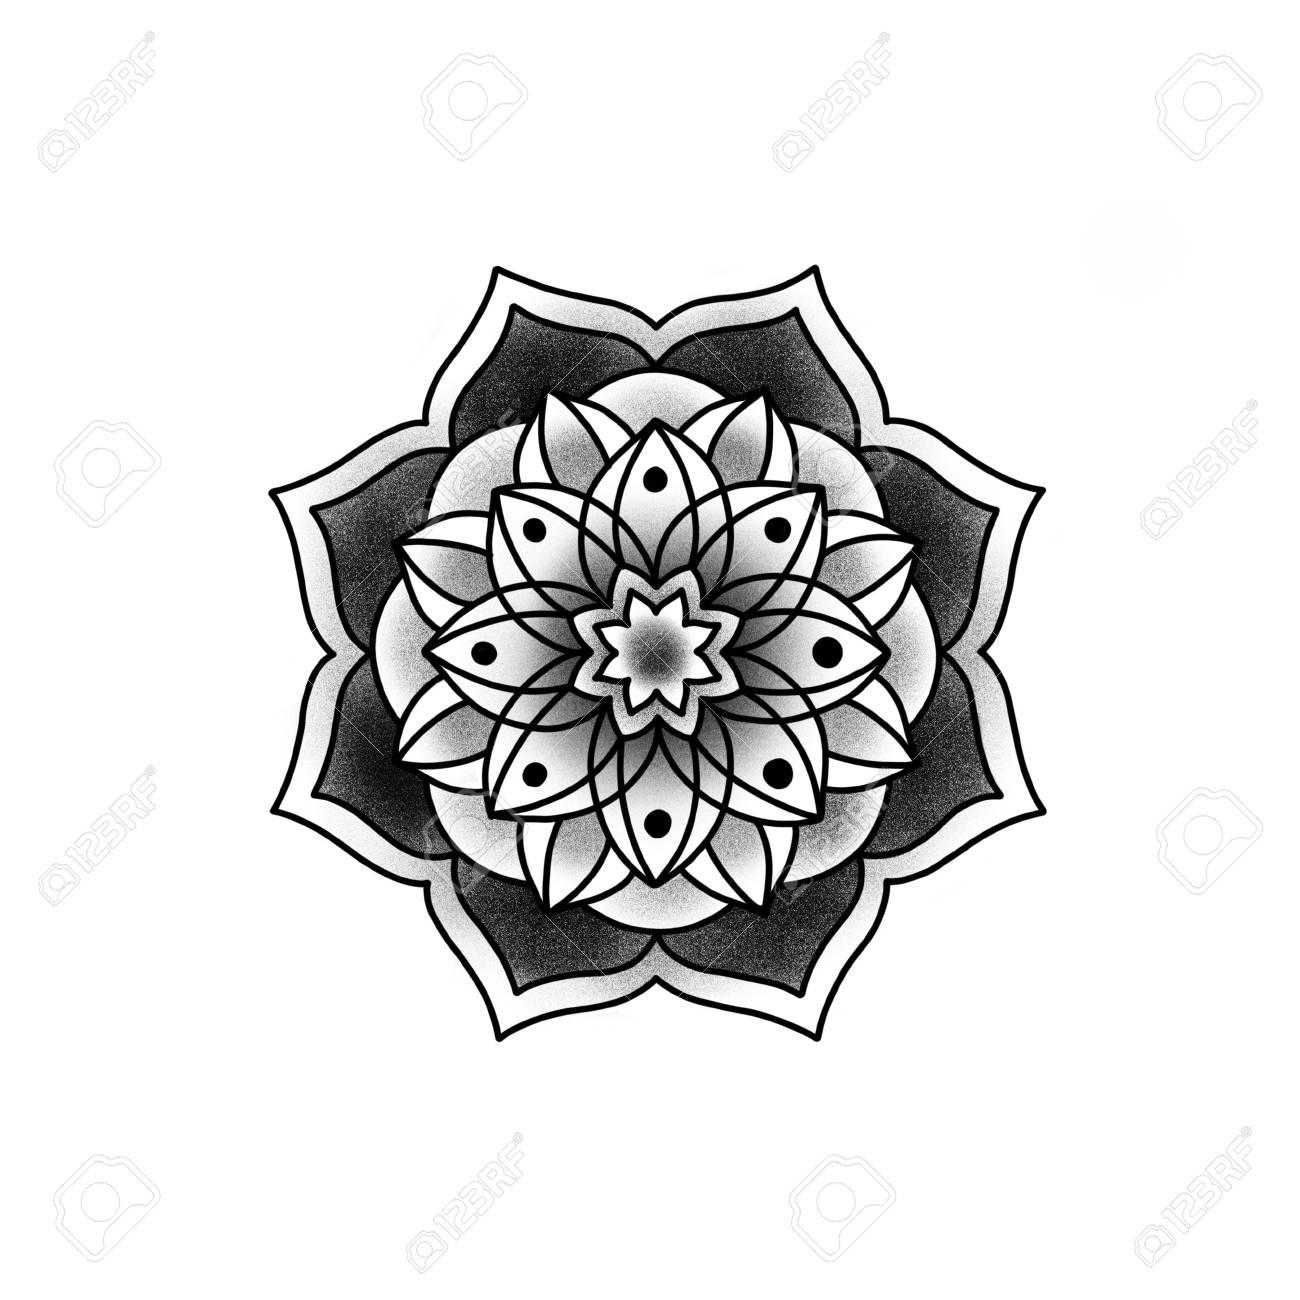 Mandala fleuri. Élément décoratif vintage. Islam, arabe, indien, motifs ottomans. Banque d'images - 84371937